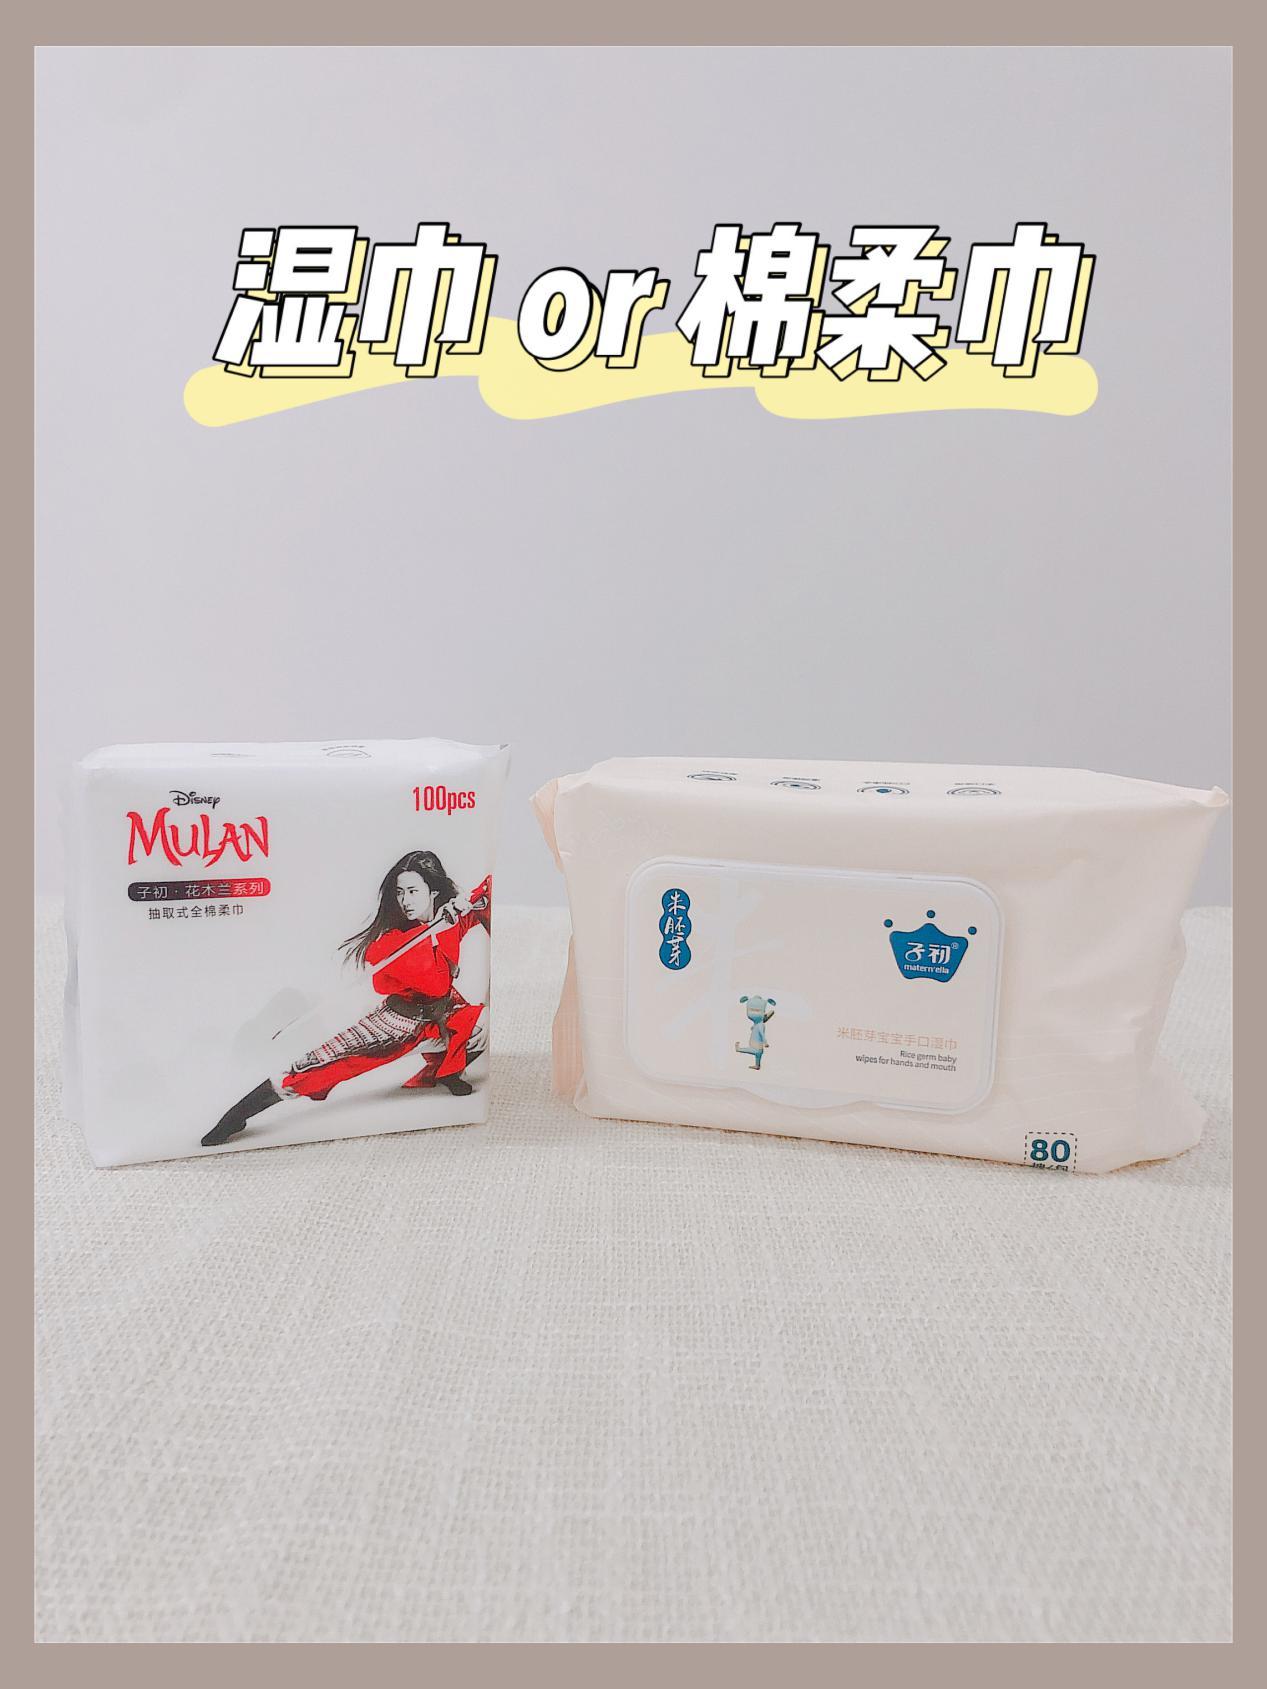 湿巾棉柔巾全方位PK,哪个对宝宝更nice?